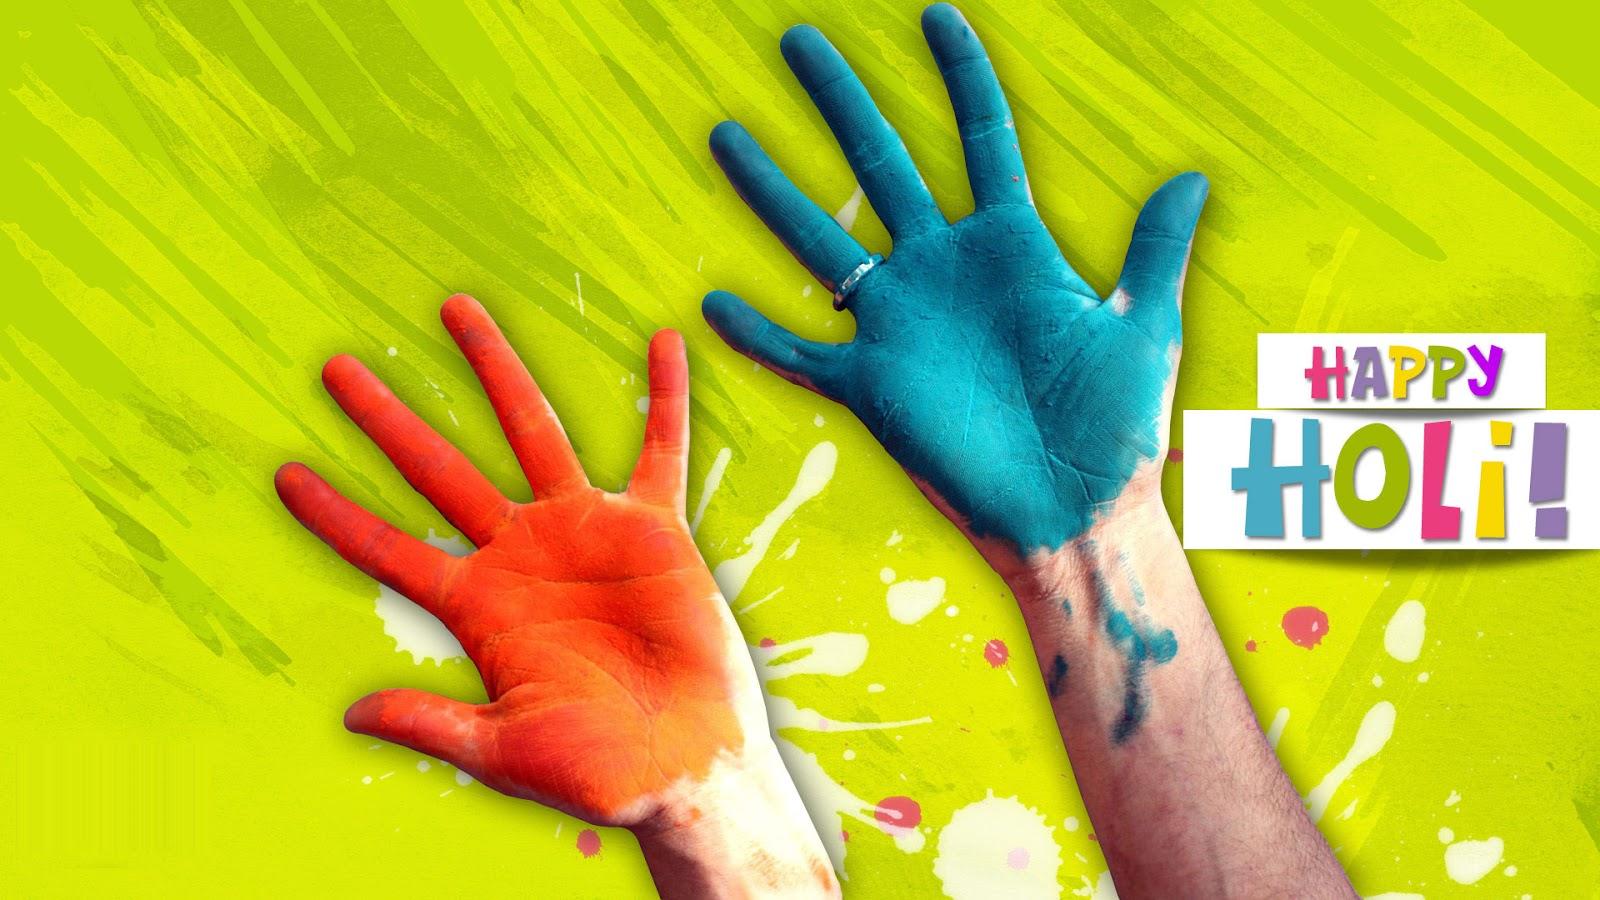 http://4.bp.blogspot.com/-YHuzWOeQHfQ/UUR48hSfpAI/AAAAAAAAARc/dZT9wvrlZLw/s1600/Happy-Holi-Wallpapers4.jpg